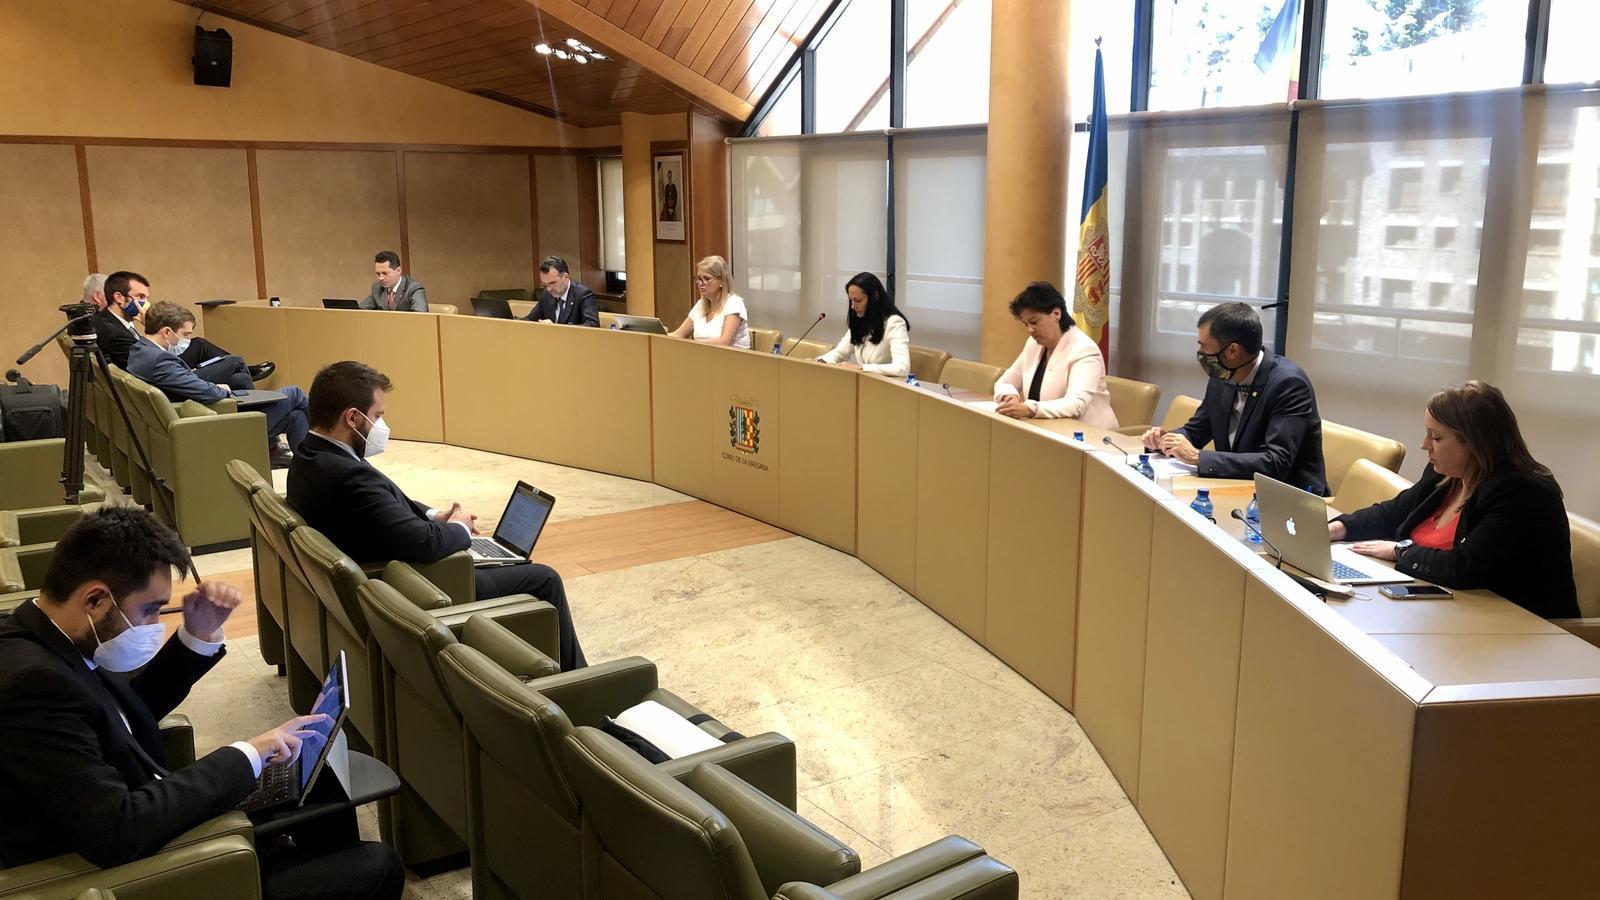 Sessió de consell de comú de la Massana. / COMÚ DE LA MASSANA